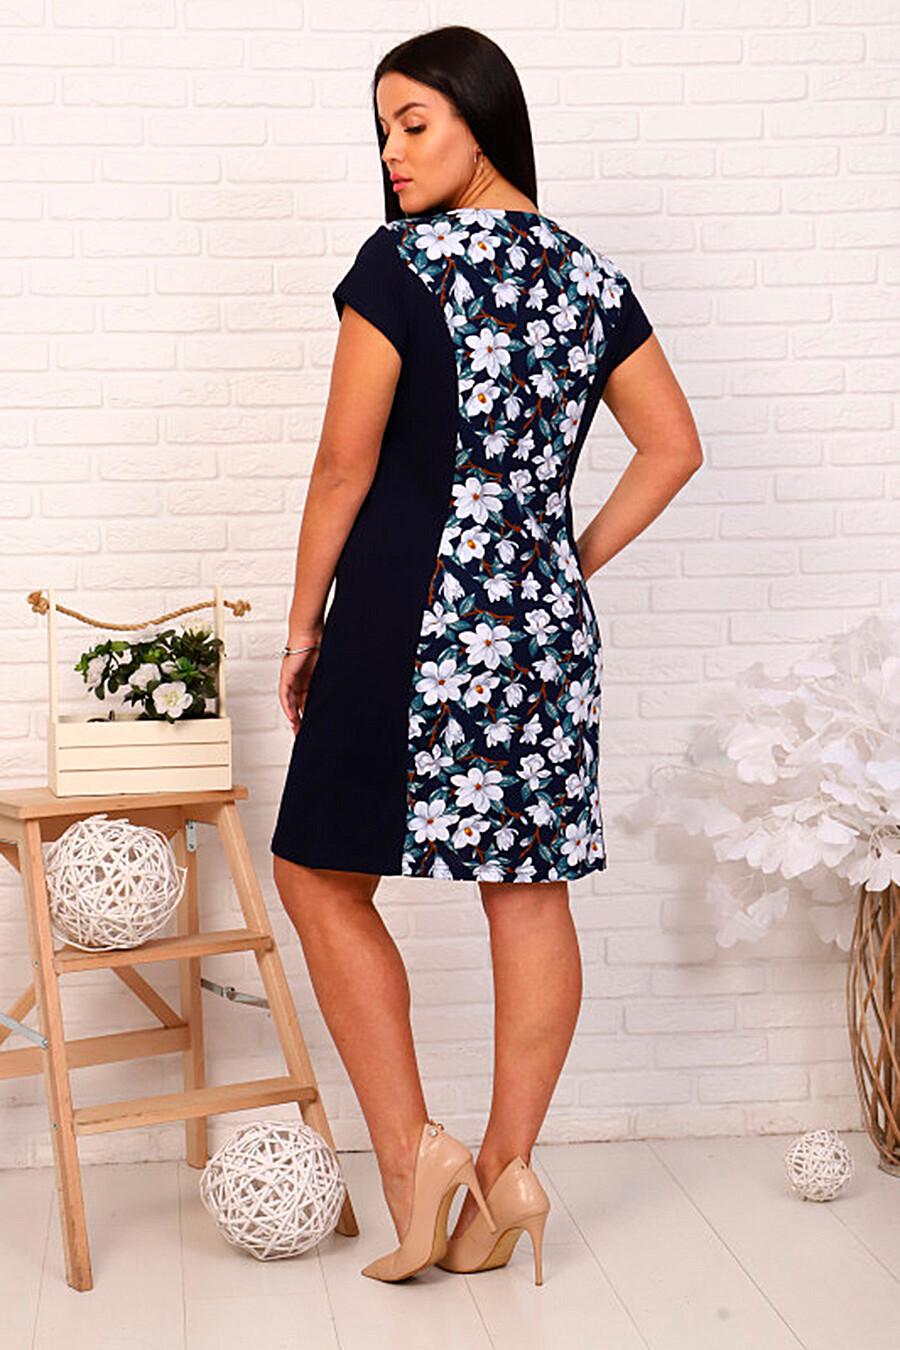 Платье для женщин SOFIYA37 668370 купить оптом от производителя. Совместная покупка женской одежды в OptMoyo